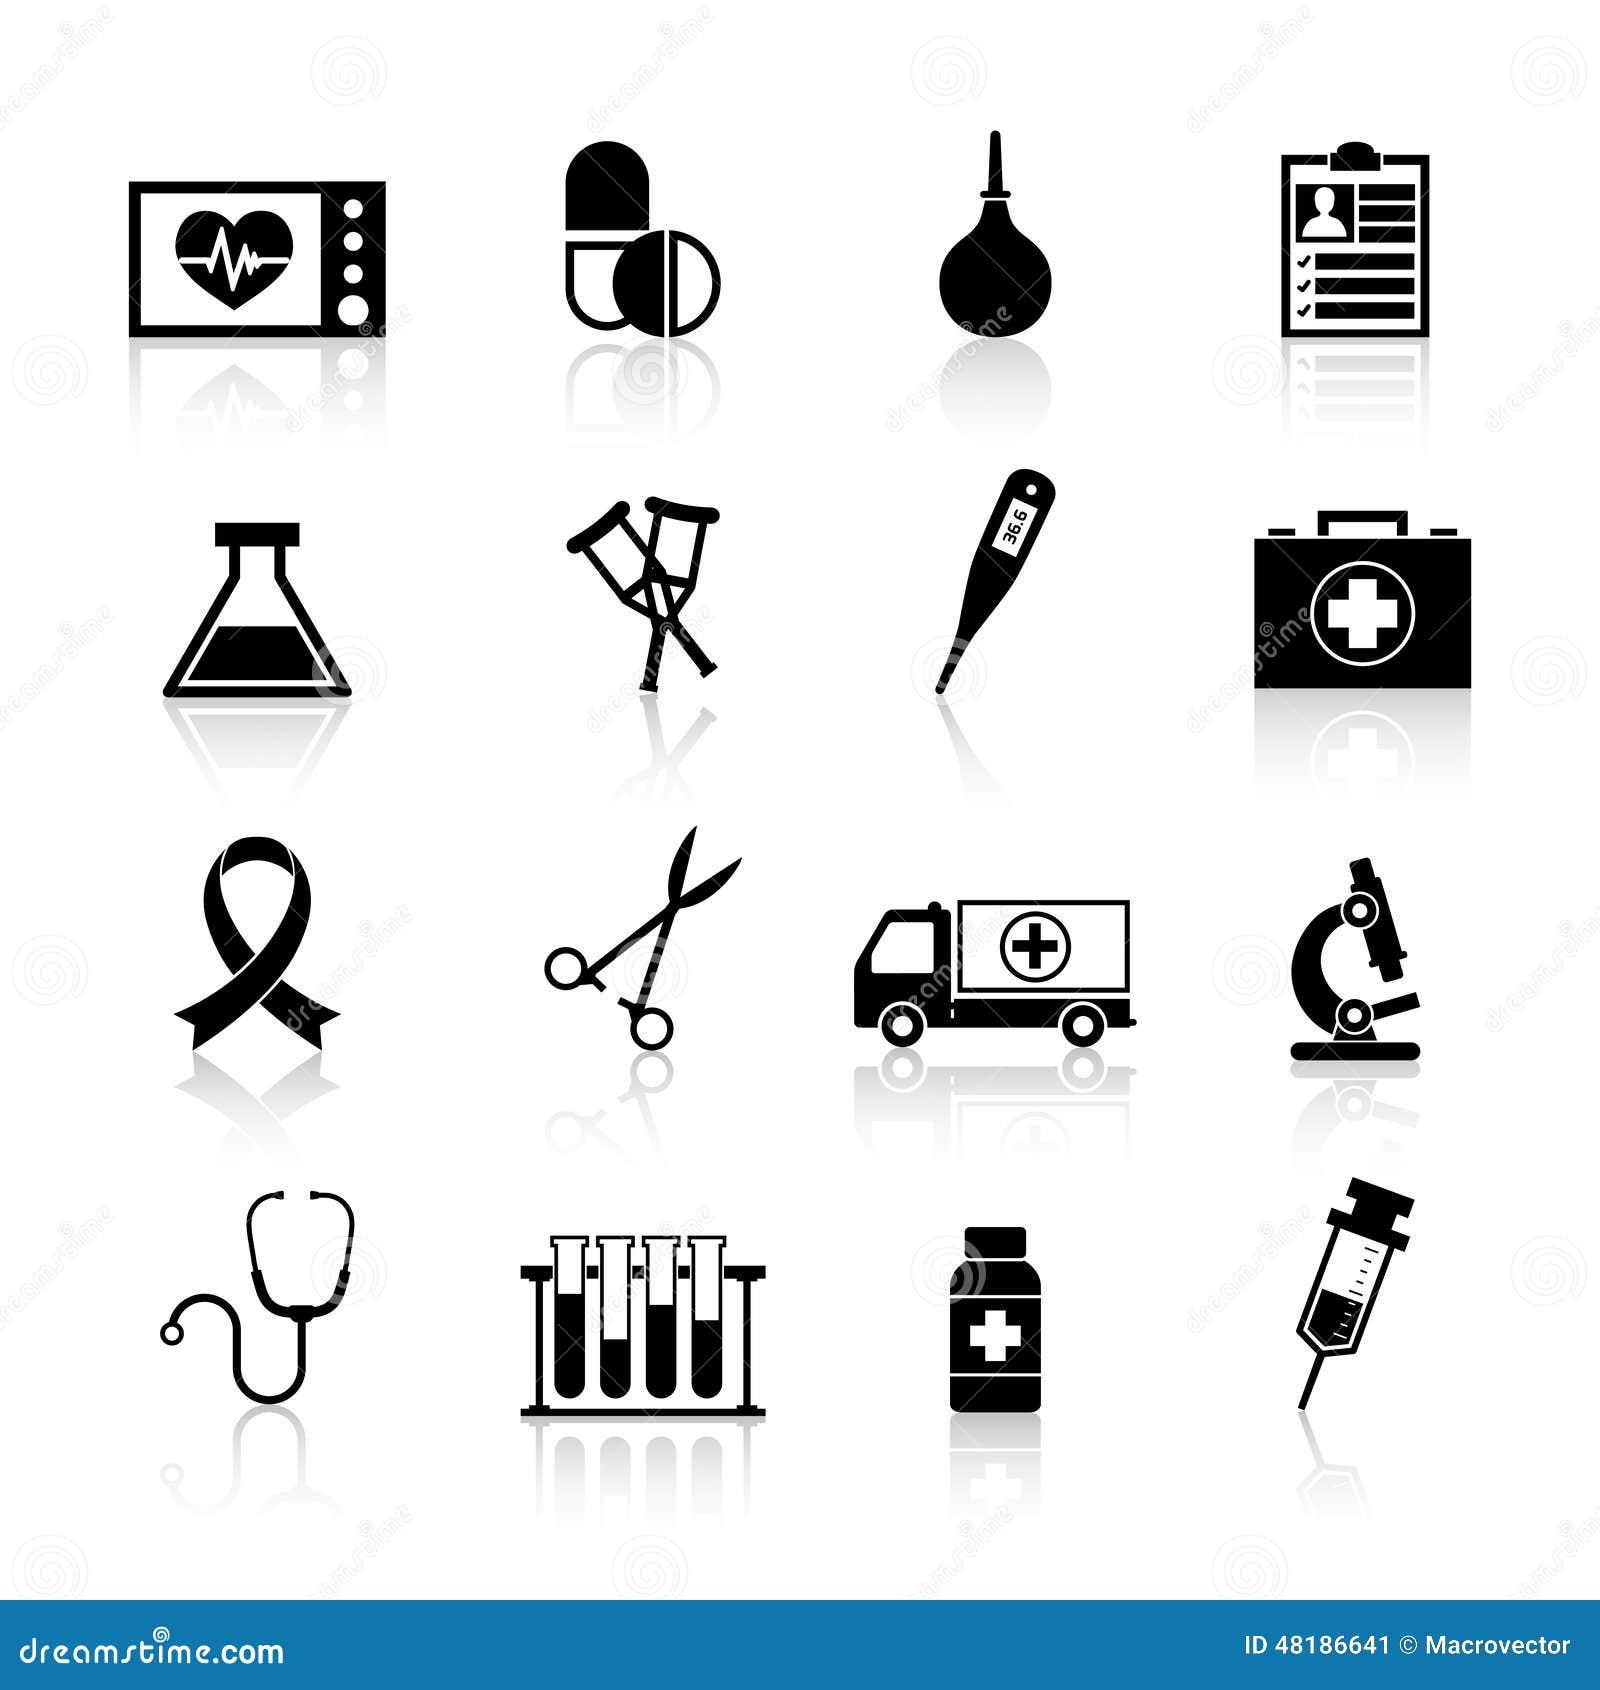 Ο Μαύρος εικονιδίων ιατρικού εξοπλισμού